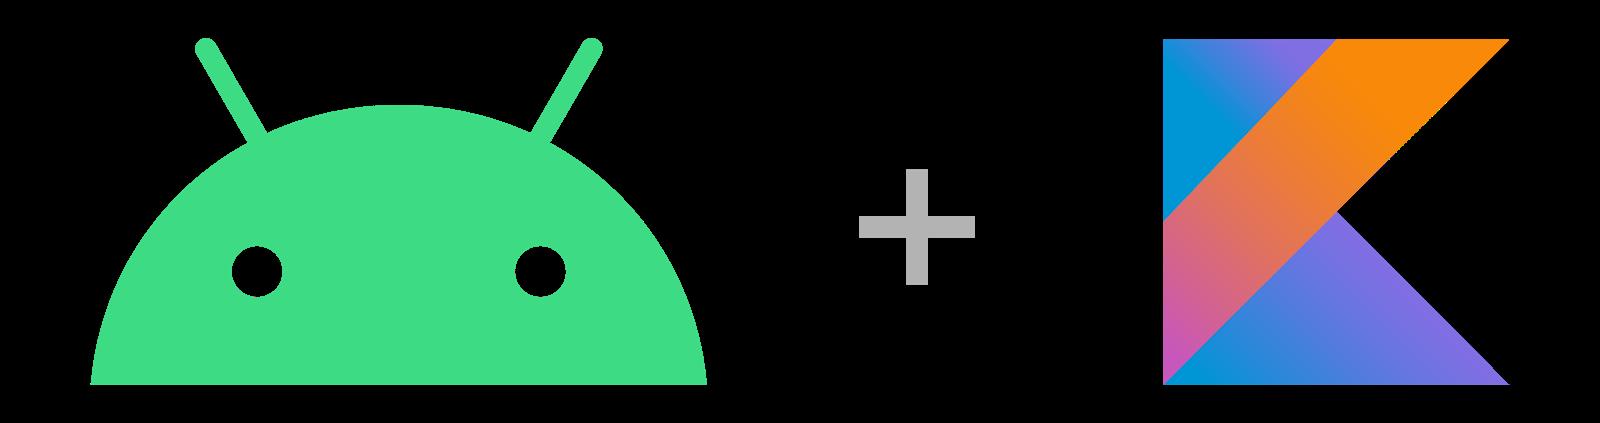 Logotipos do Android e do Kotlin